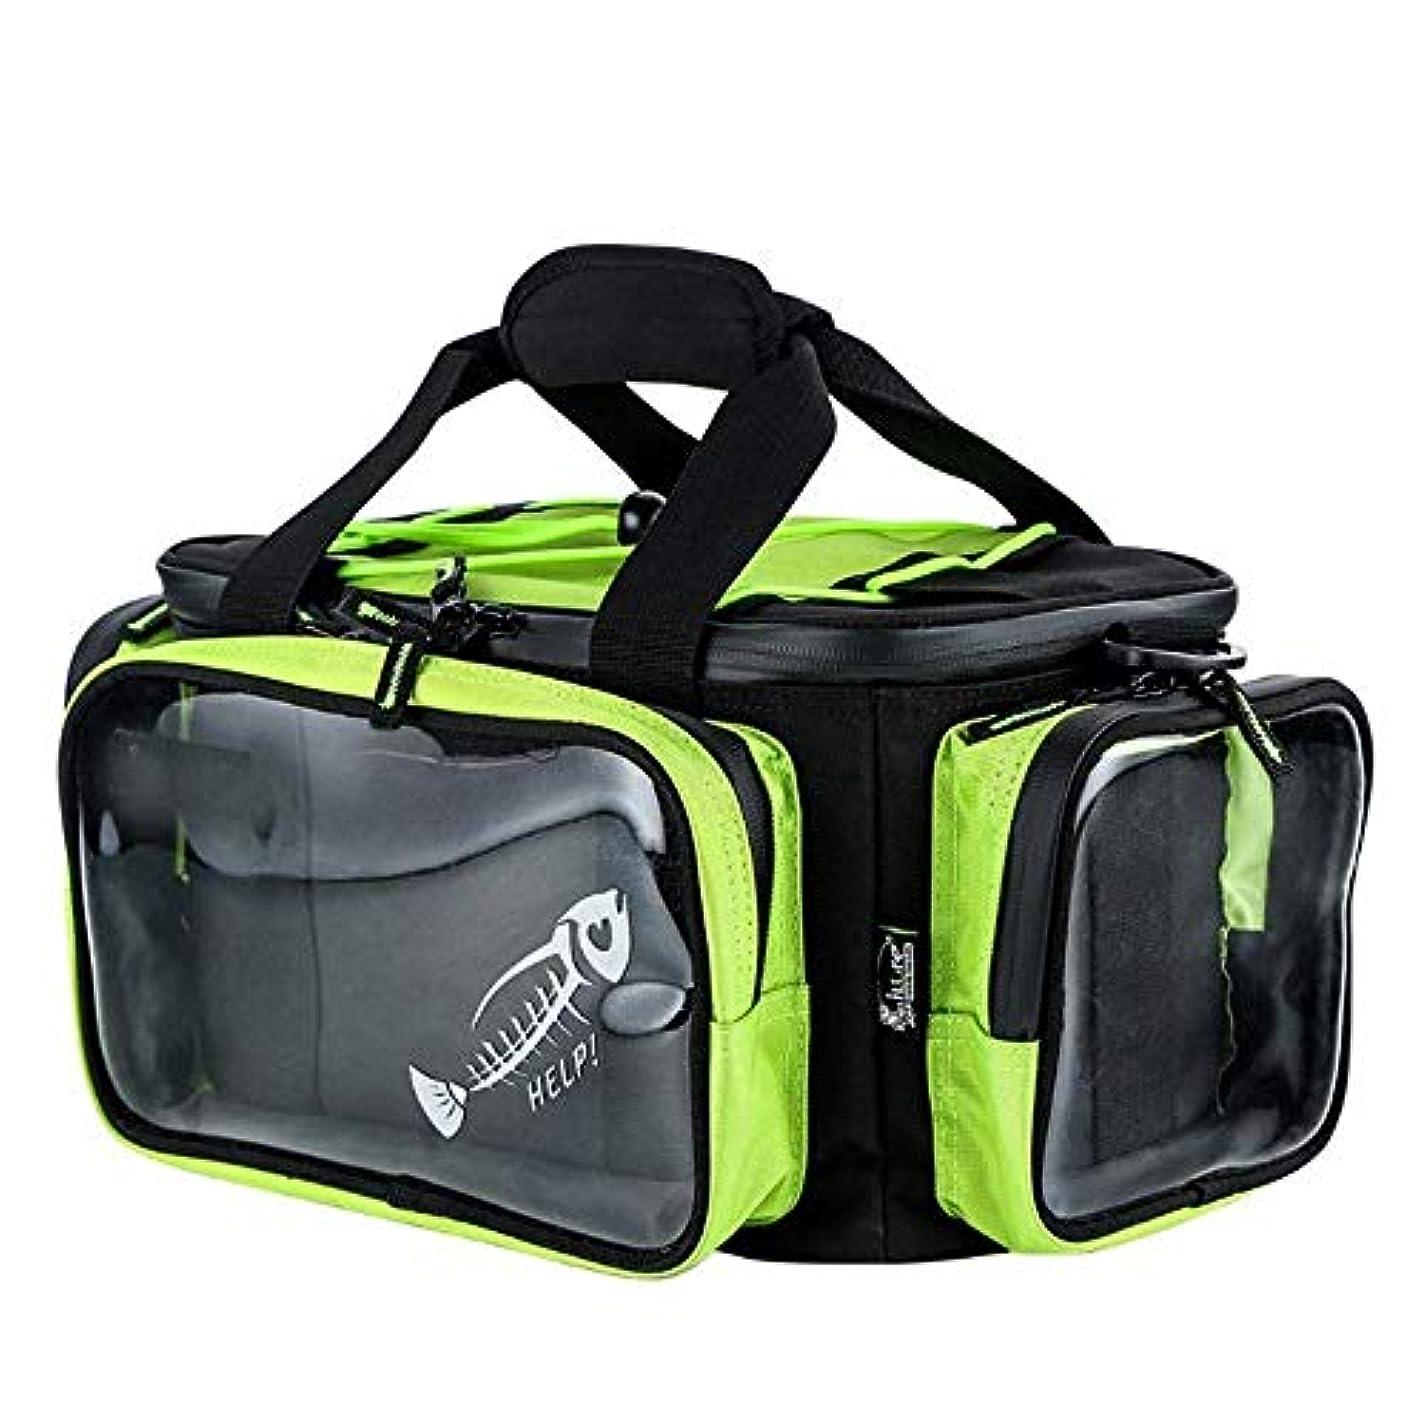 参照それにもかかわらず不条理釣りタックルバッグ、ポータブル多機能防水釣りユーティリティバッグ、リップストップPE付きアウトドアスポーツフィッシングショルダーバッグ、パッド入りショルダーストラップ。